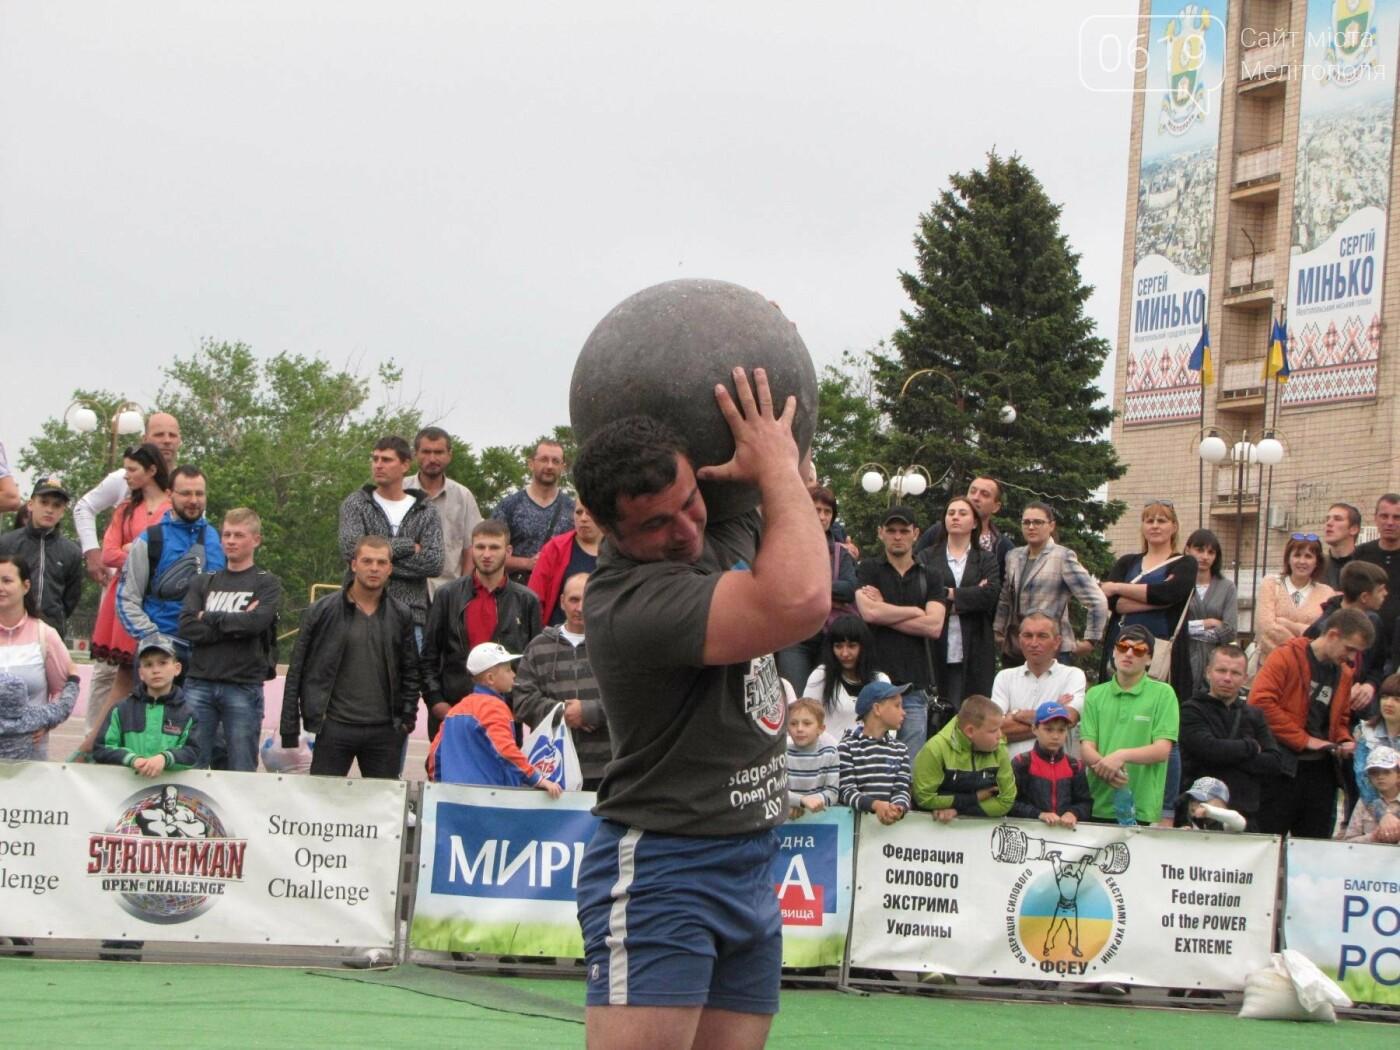 Три победы за неделю: мелитопольский богатырь выиграл второй этап международного чемпионата, фото-19